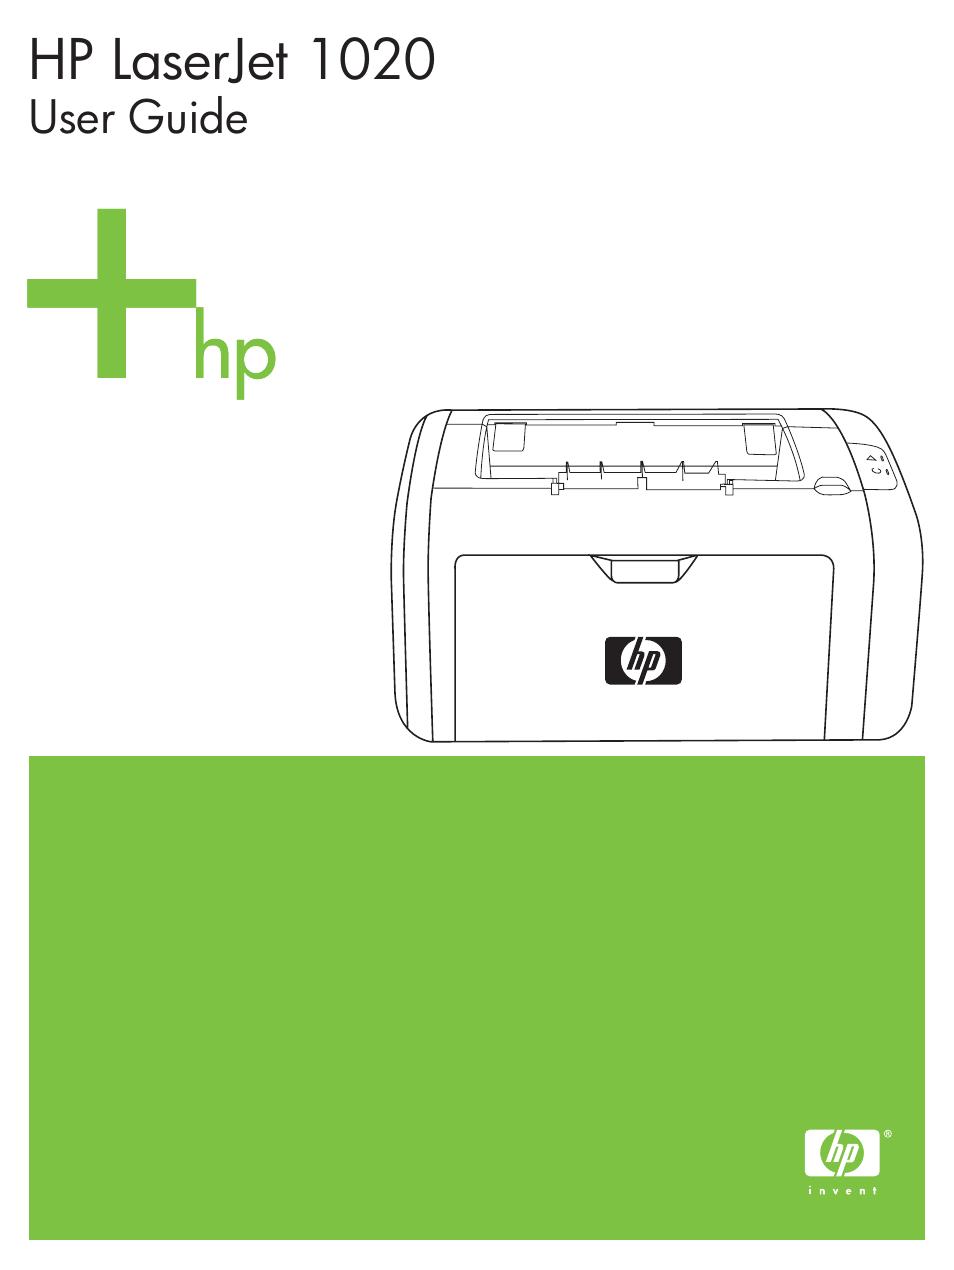 hp laserjet 1020 plus printer user manual 114 pages rh manualsdir com 1020 HP Laptop HP 1022